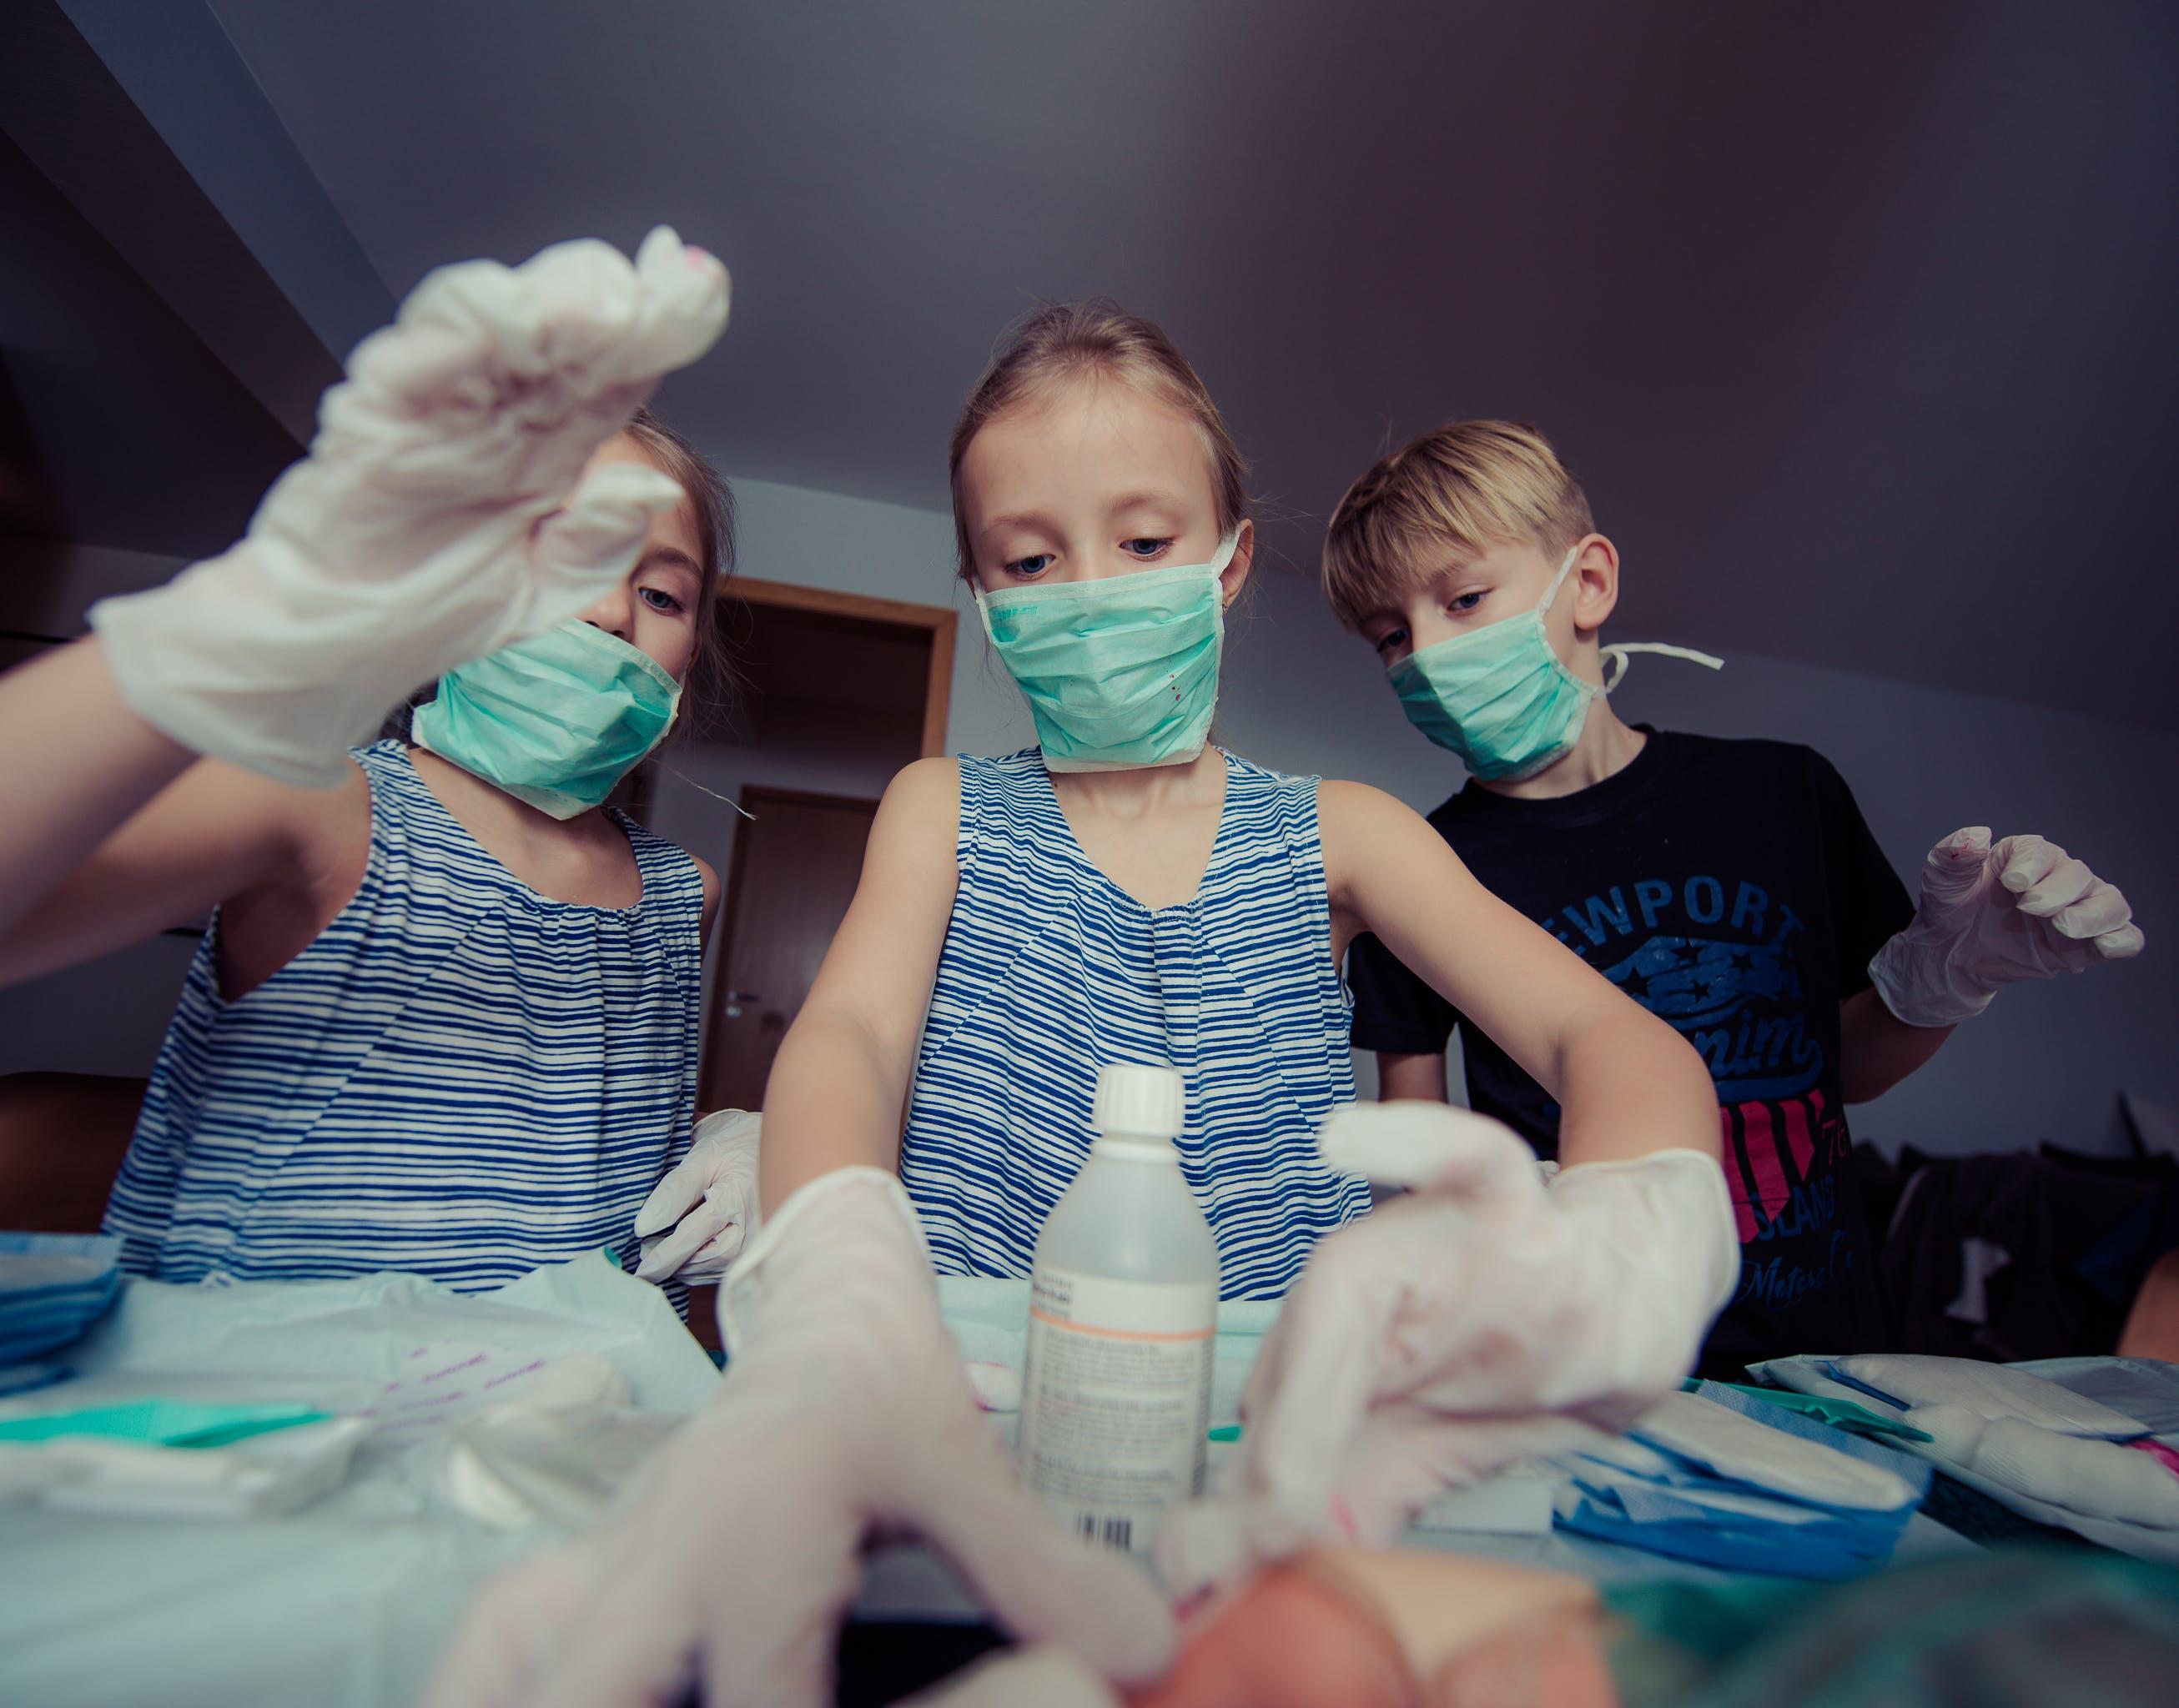 Kostenloses Stock Foto zu chirurg, erste hilfe, junge, kind